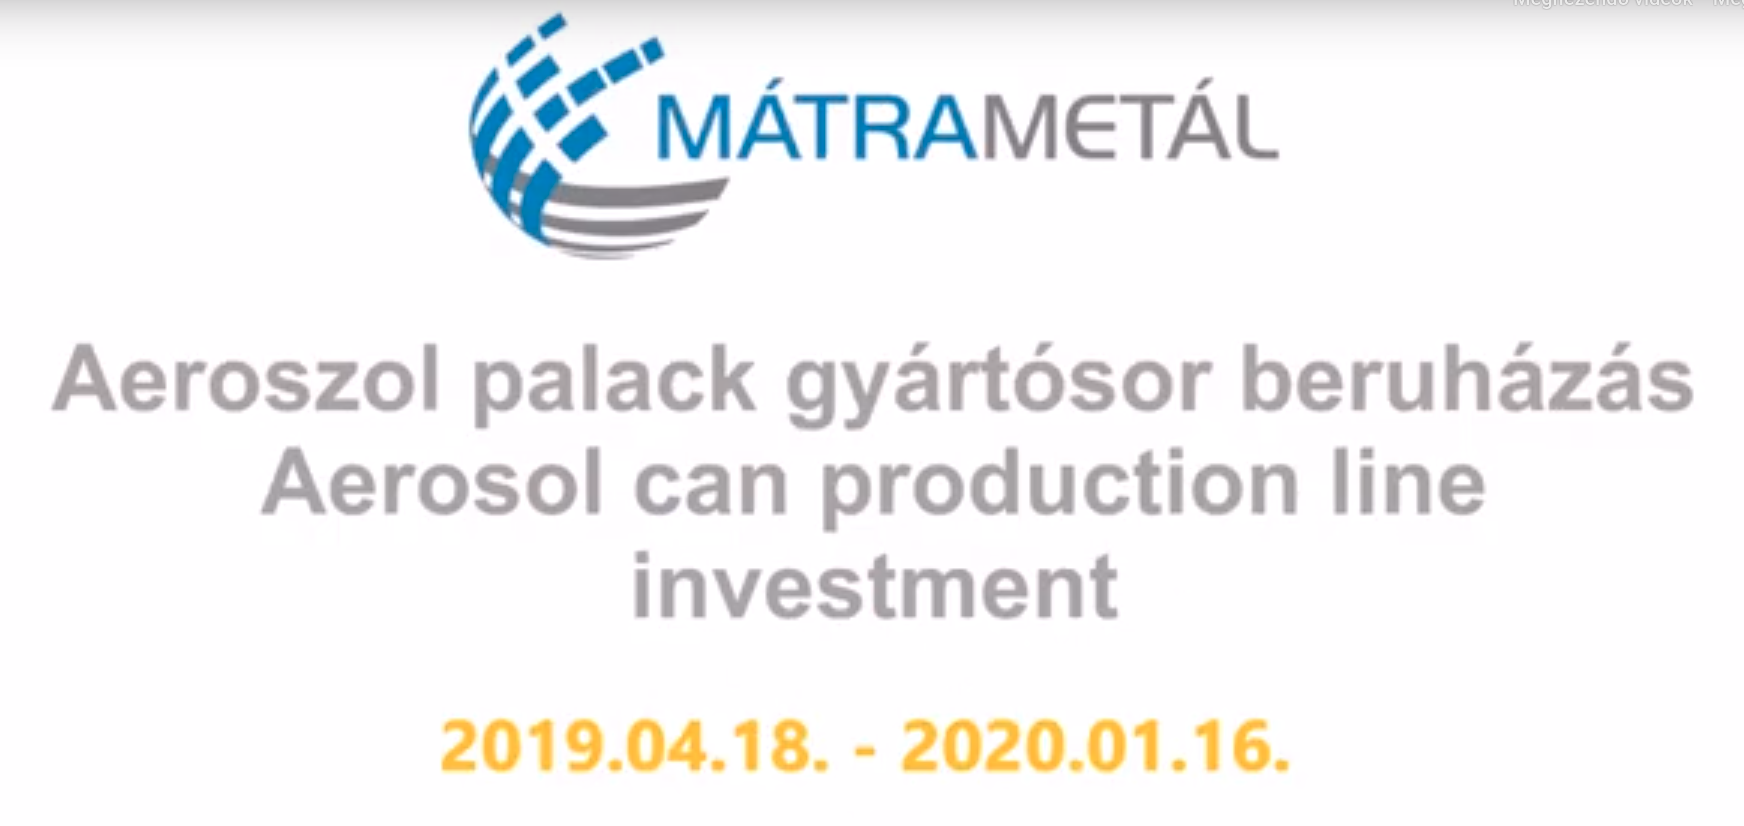 AEROSOL PALACK GYÁRTÓSOR BERUHÁZÁS 2019.04.18.-2020.01.16.